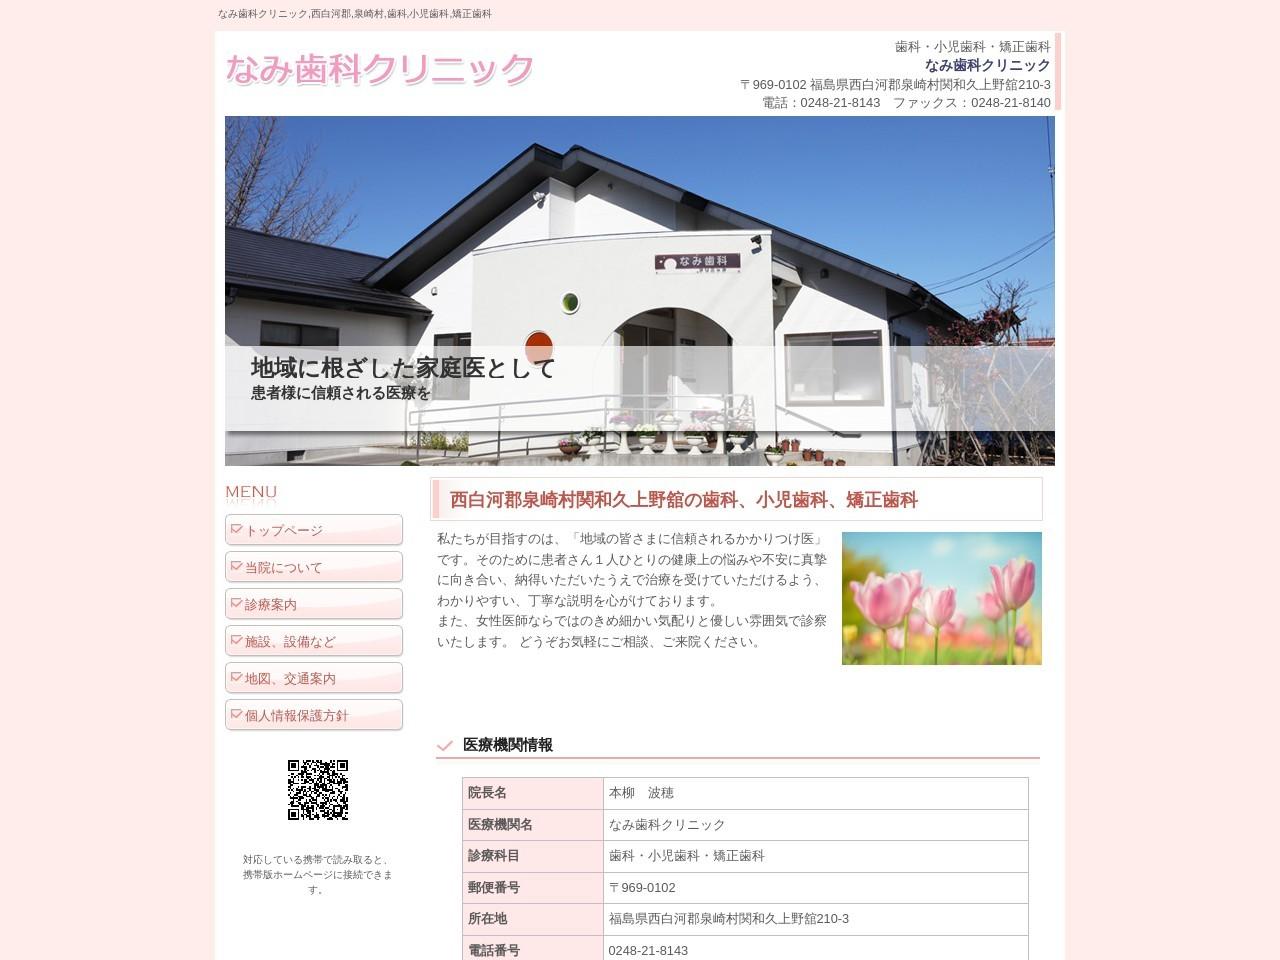 なみ歯科クリニック (福島県西白河郡泉崎村)